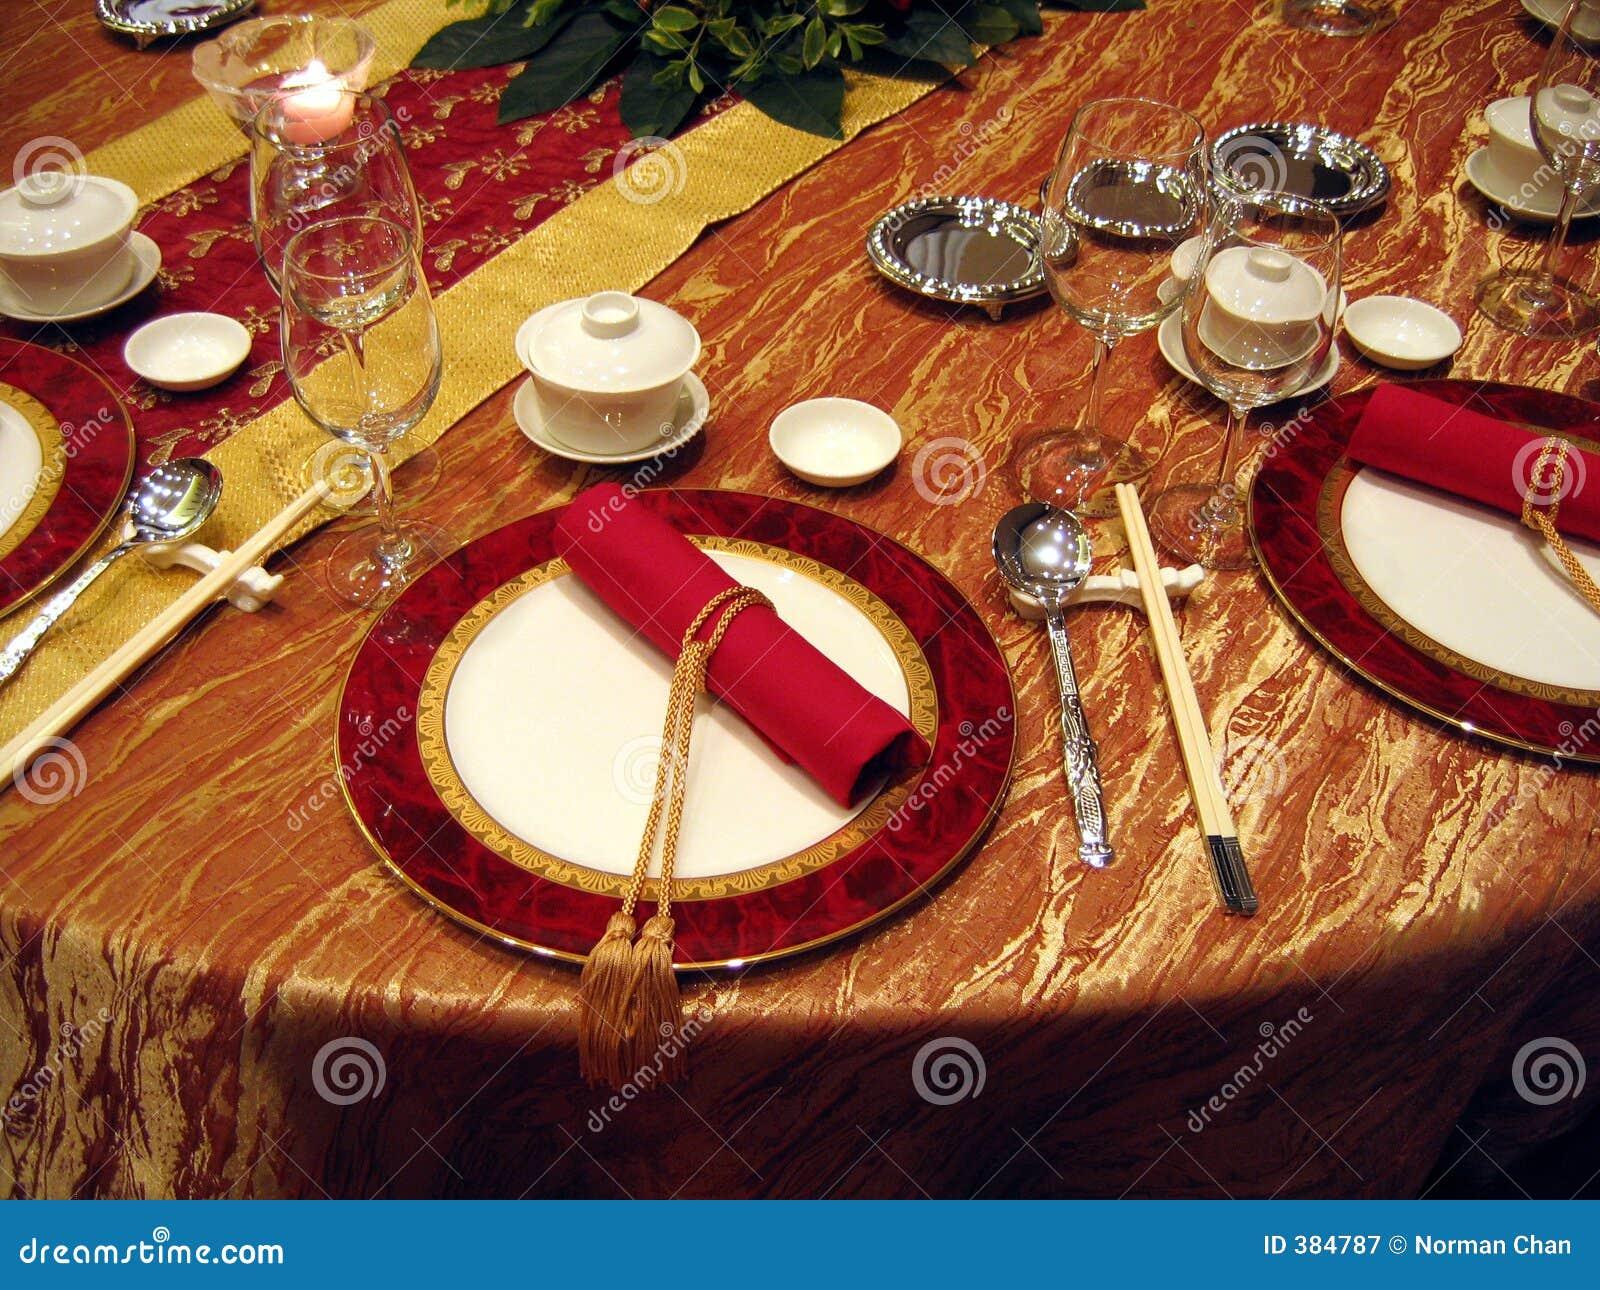 Chinesische Hochzeitsbanketttabelleneinstellung